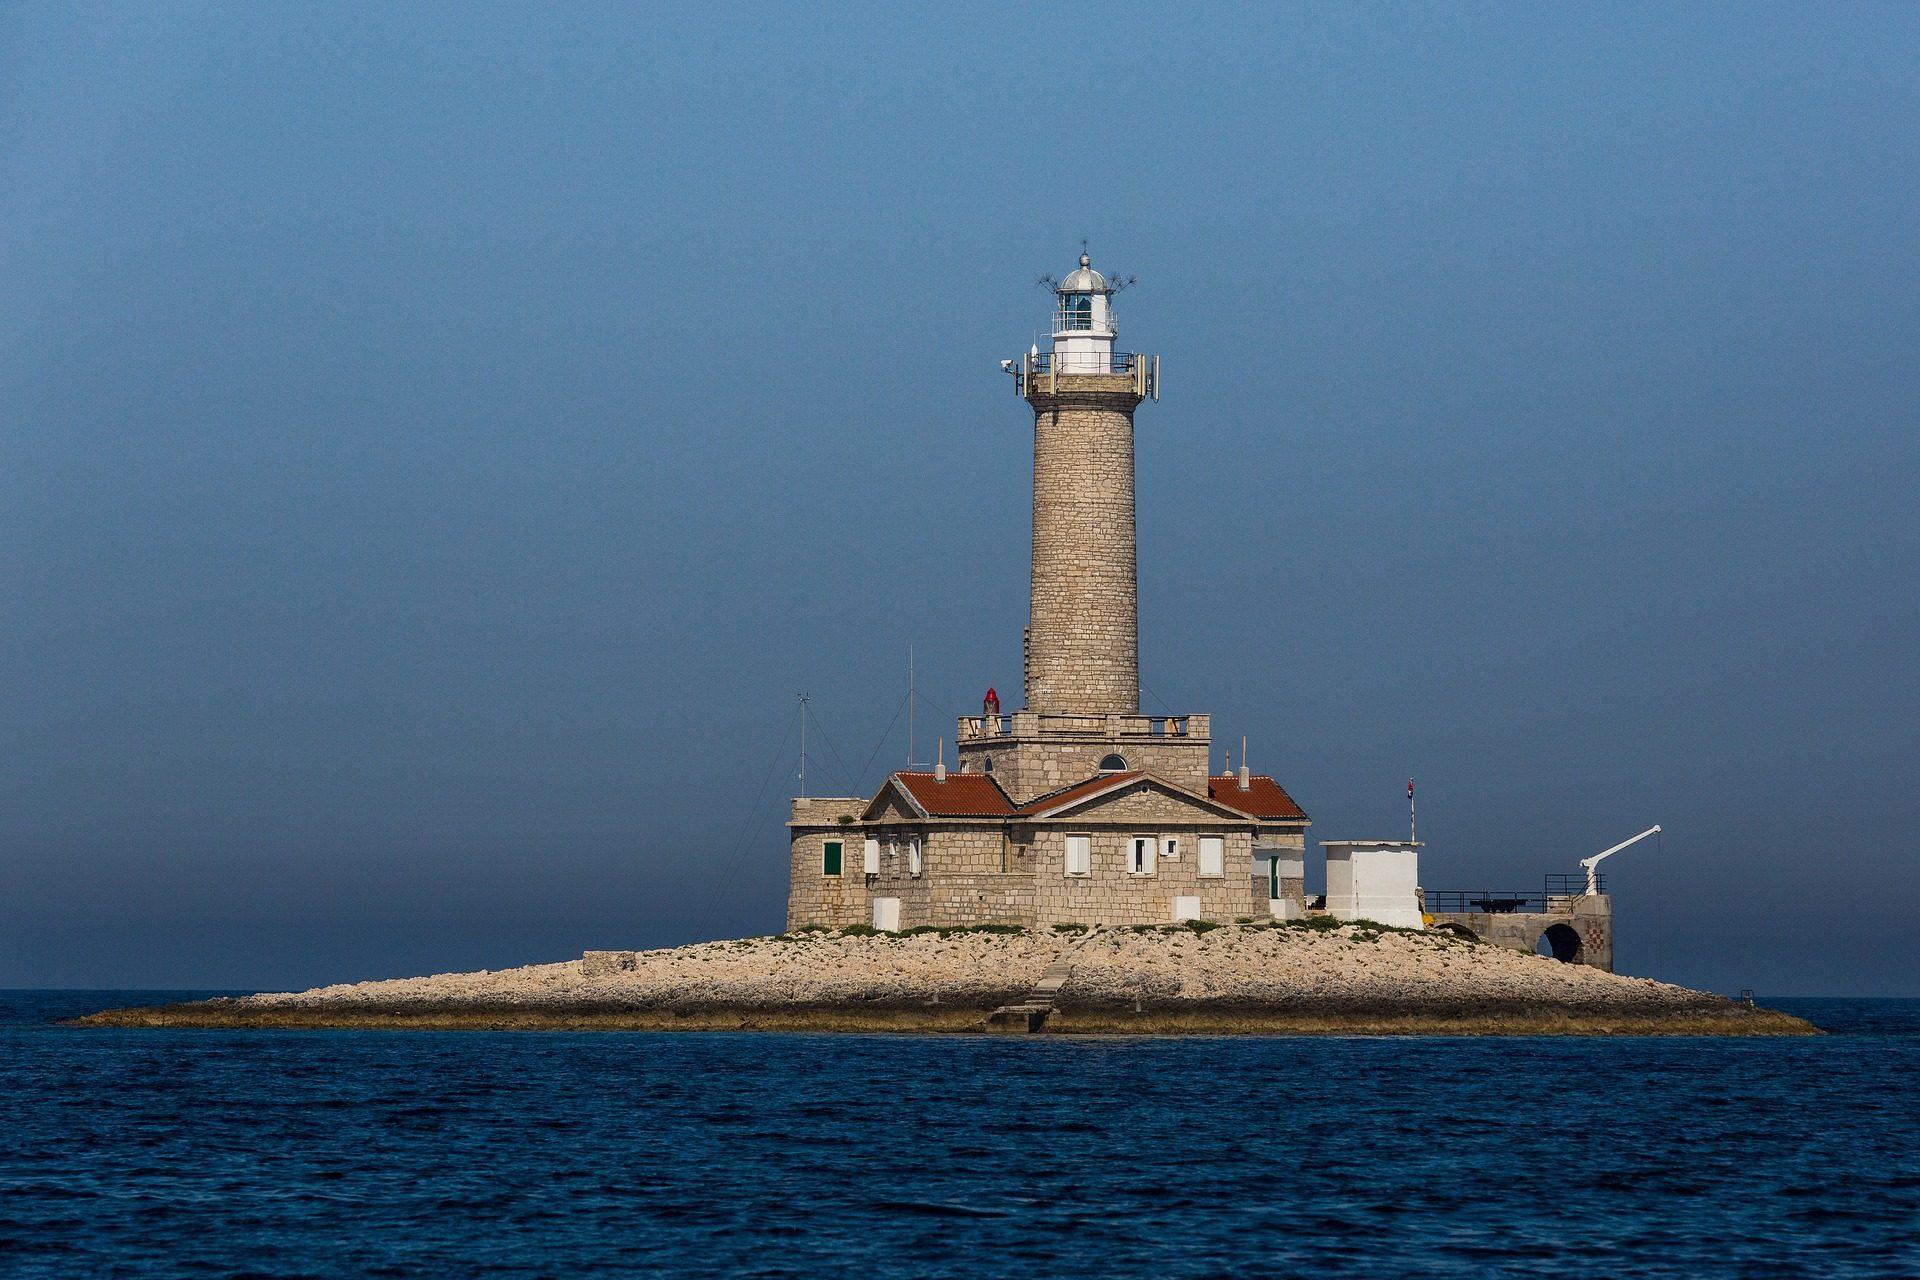 المنارة, الجزيرة, البحر, جزيرة ليلى, برج - خلفيات عالية الدقة - أستاذ falken.com